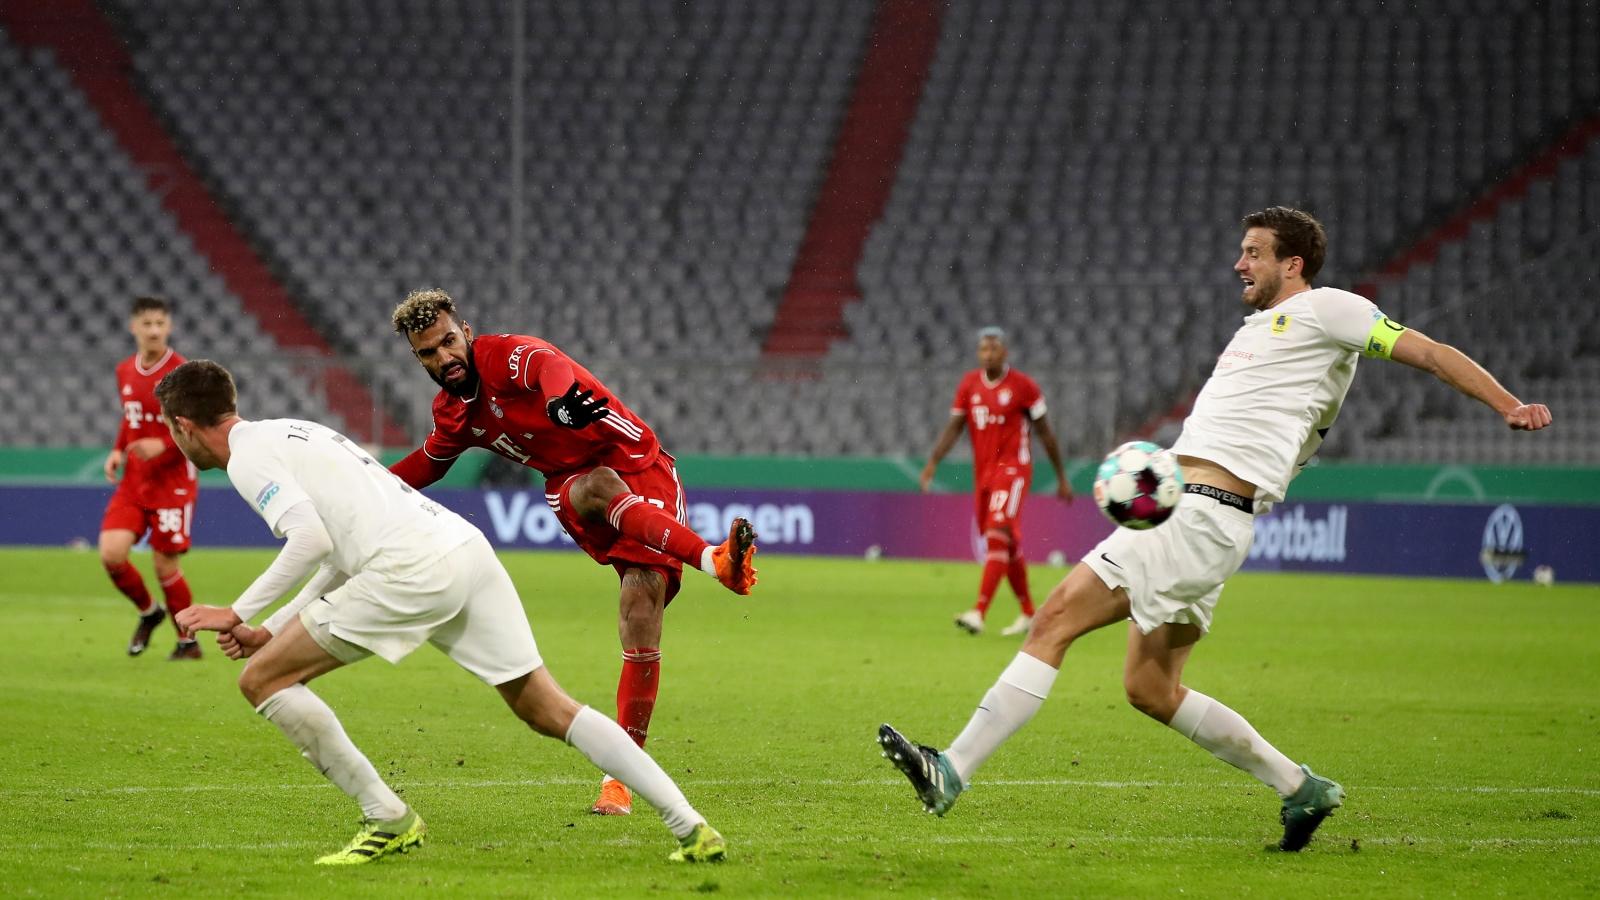 Bayern Munich đá 2 trận đấu liên tiếp chỉ trong 2 ngày